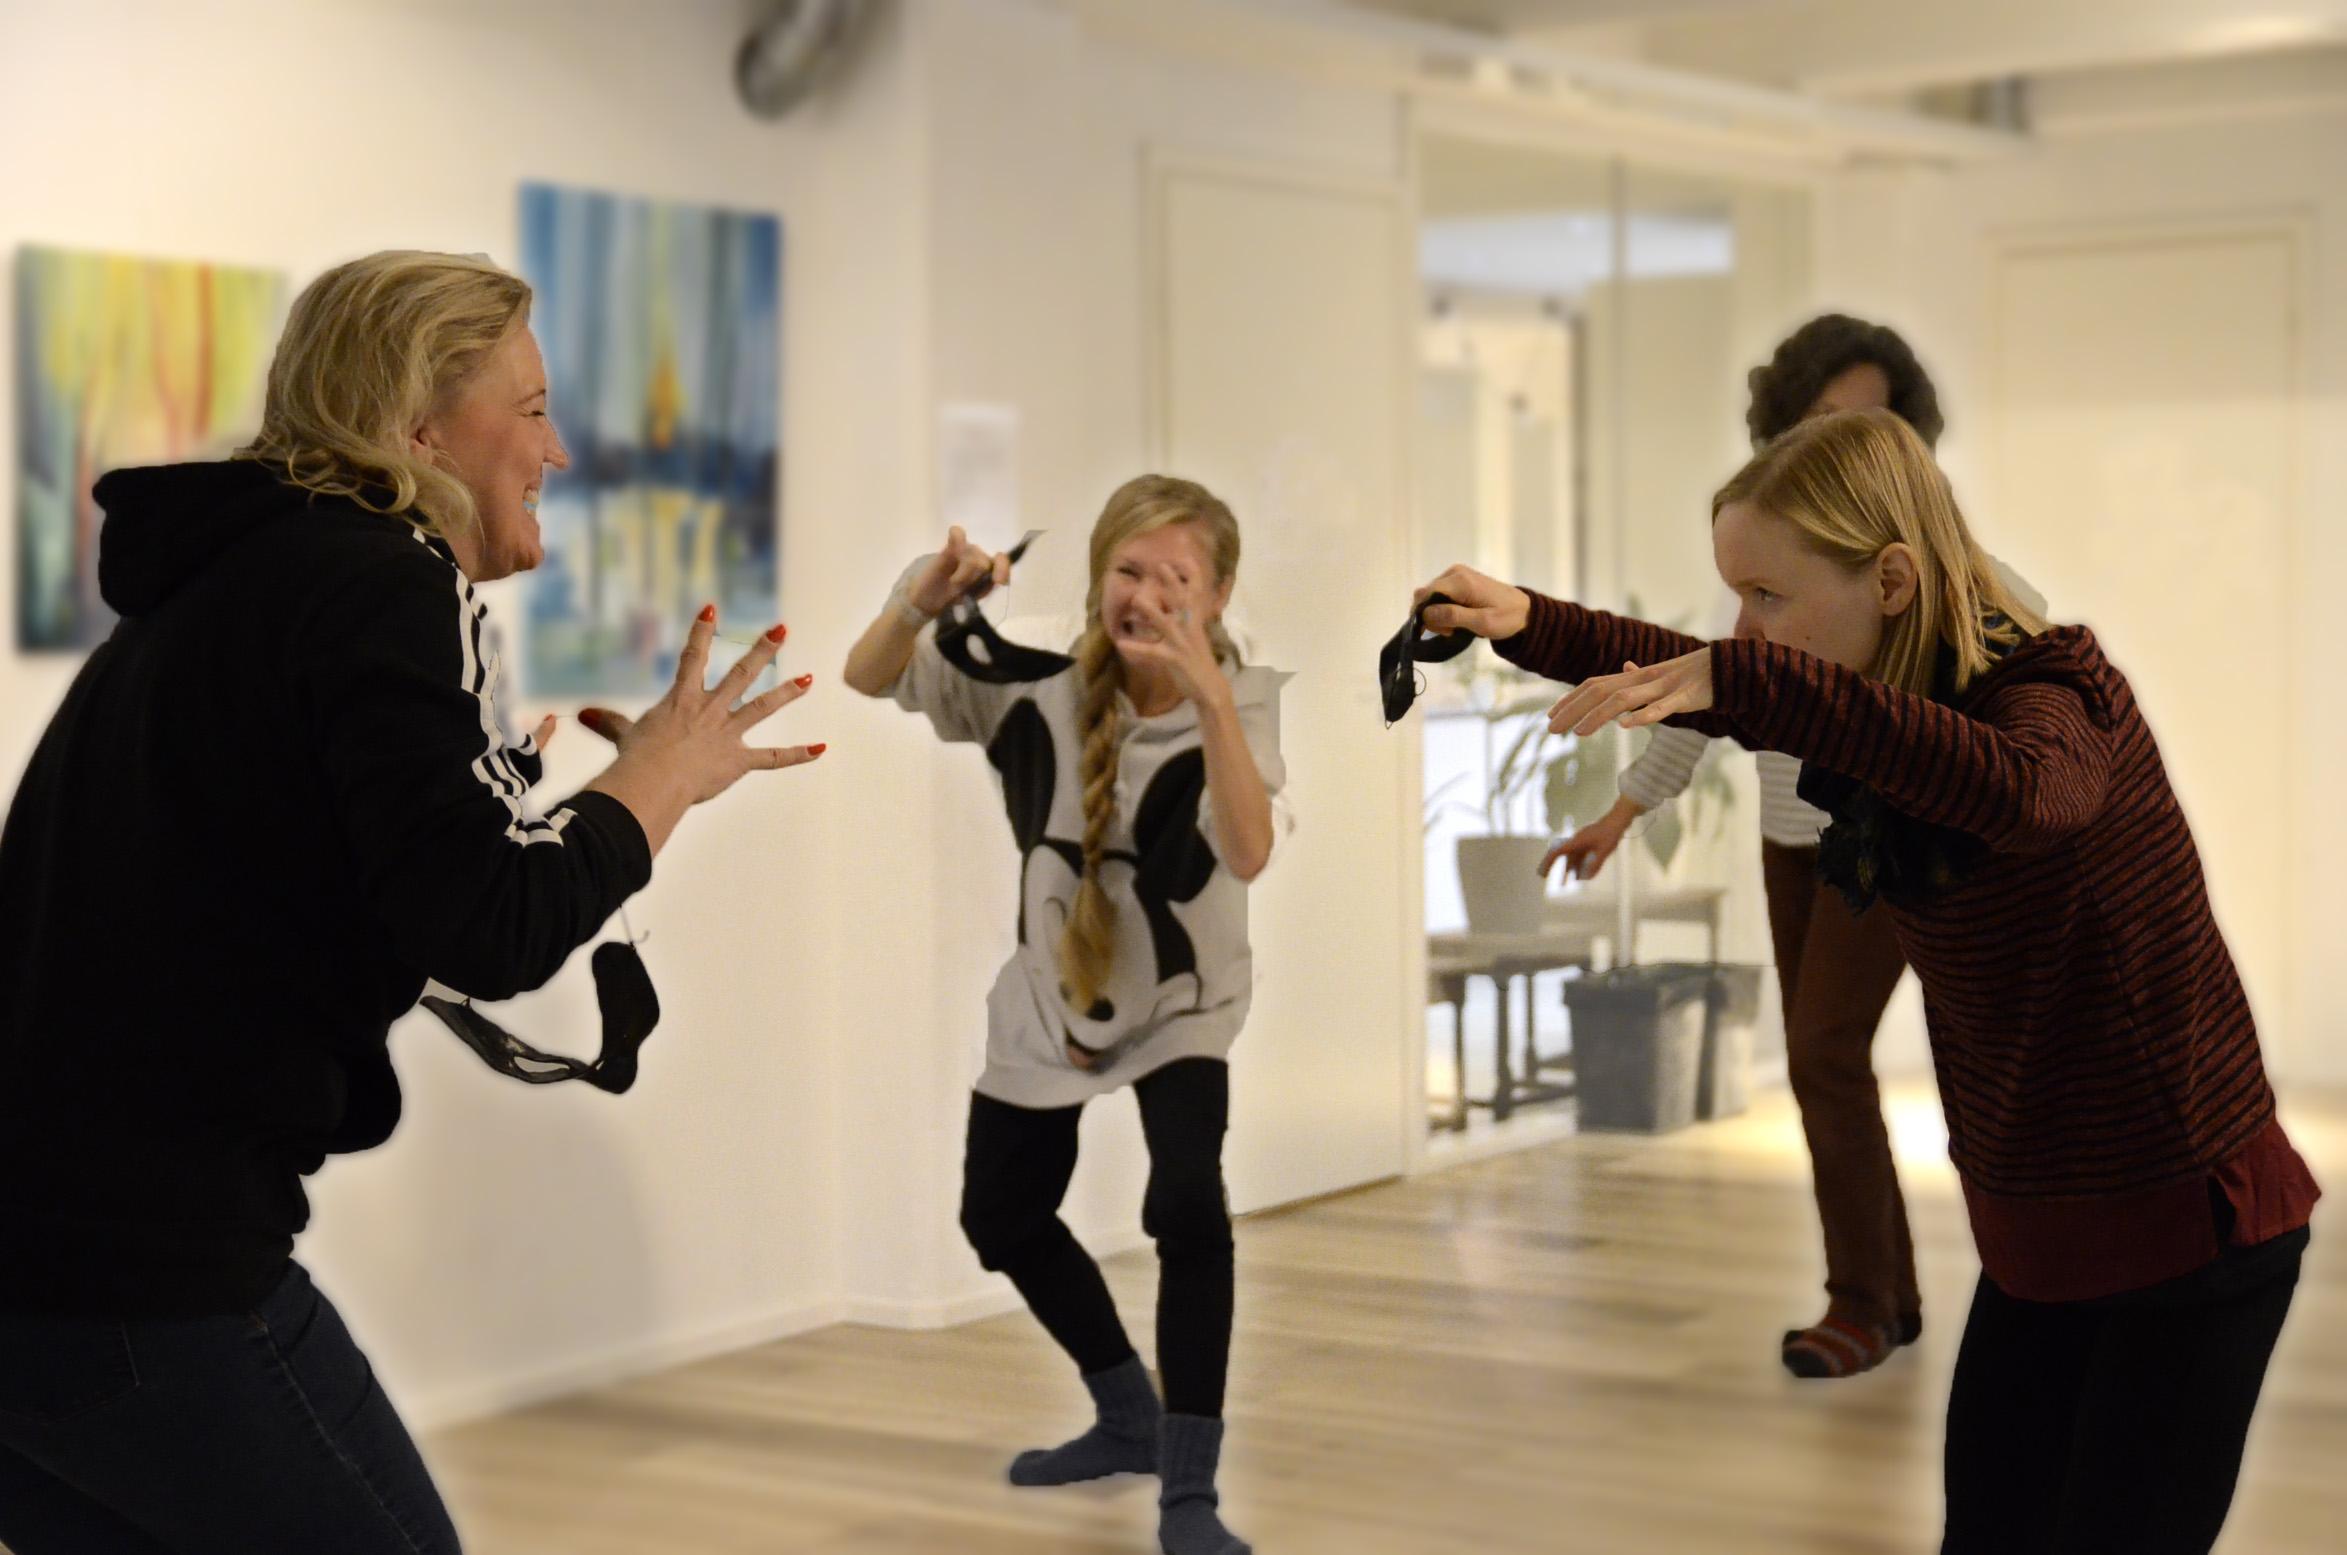 Ihmiset harjoittelevat huoneessa teatteri-ilmaisua